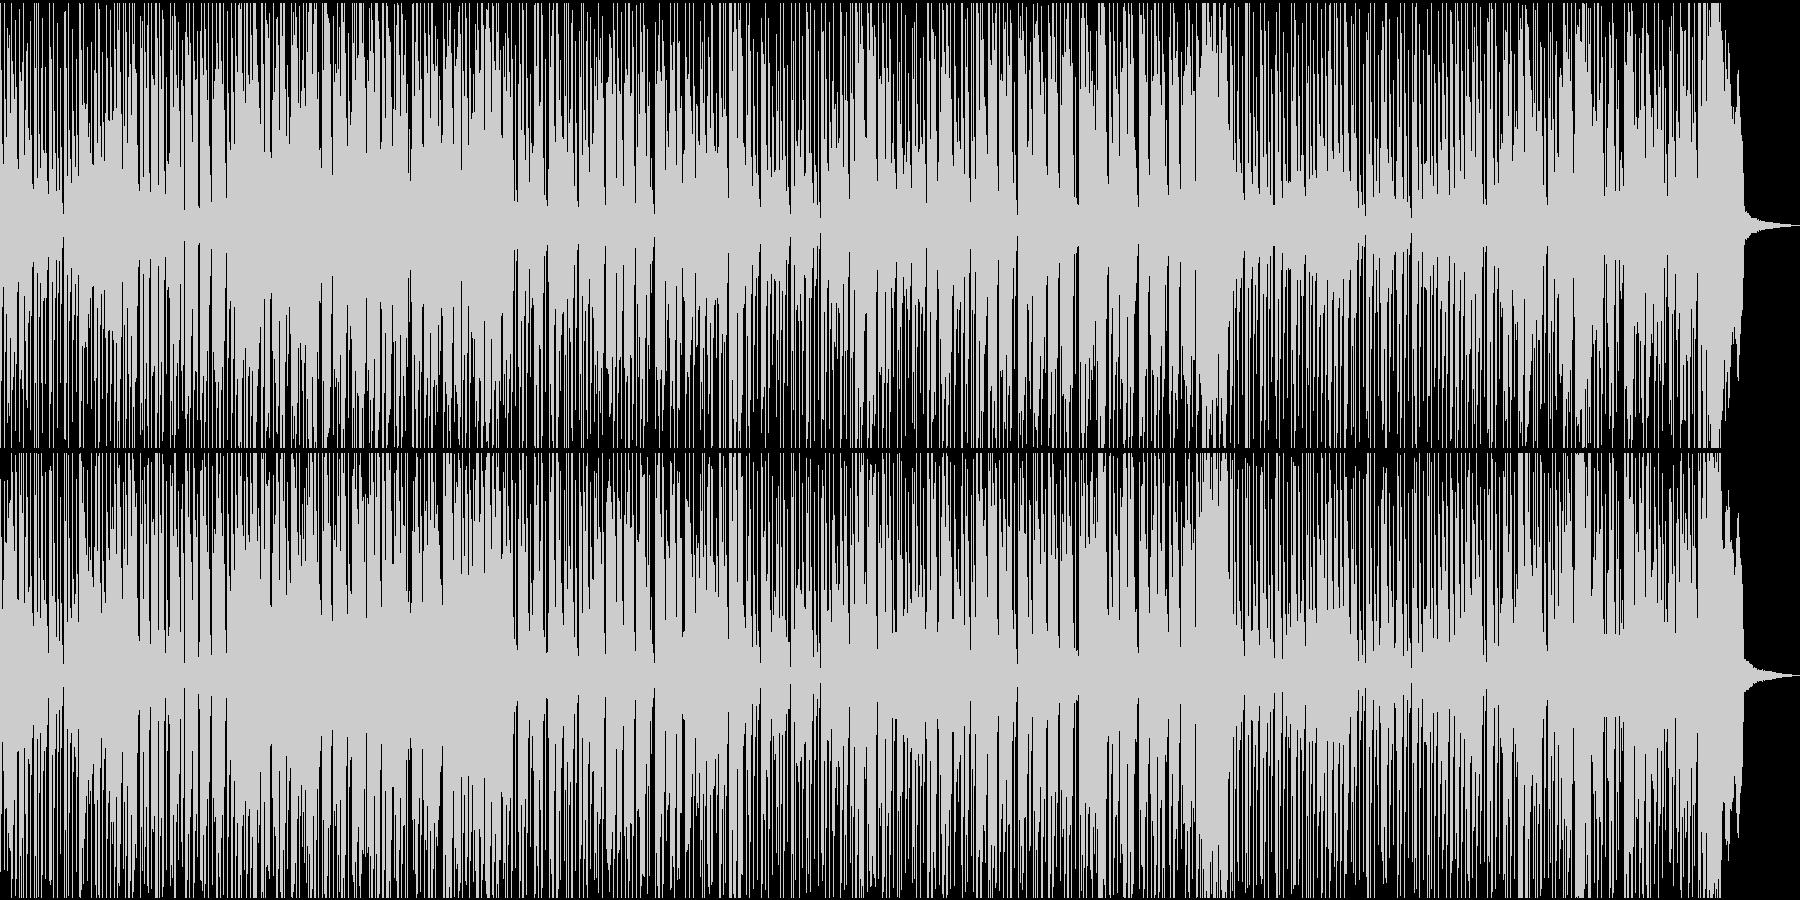 スローからミディアムのゆったりとし...の未再生の波形